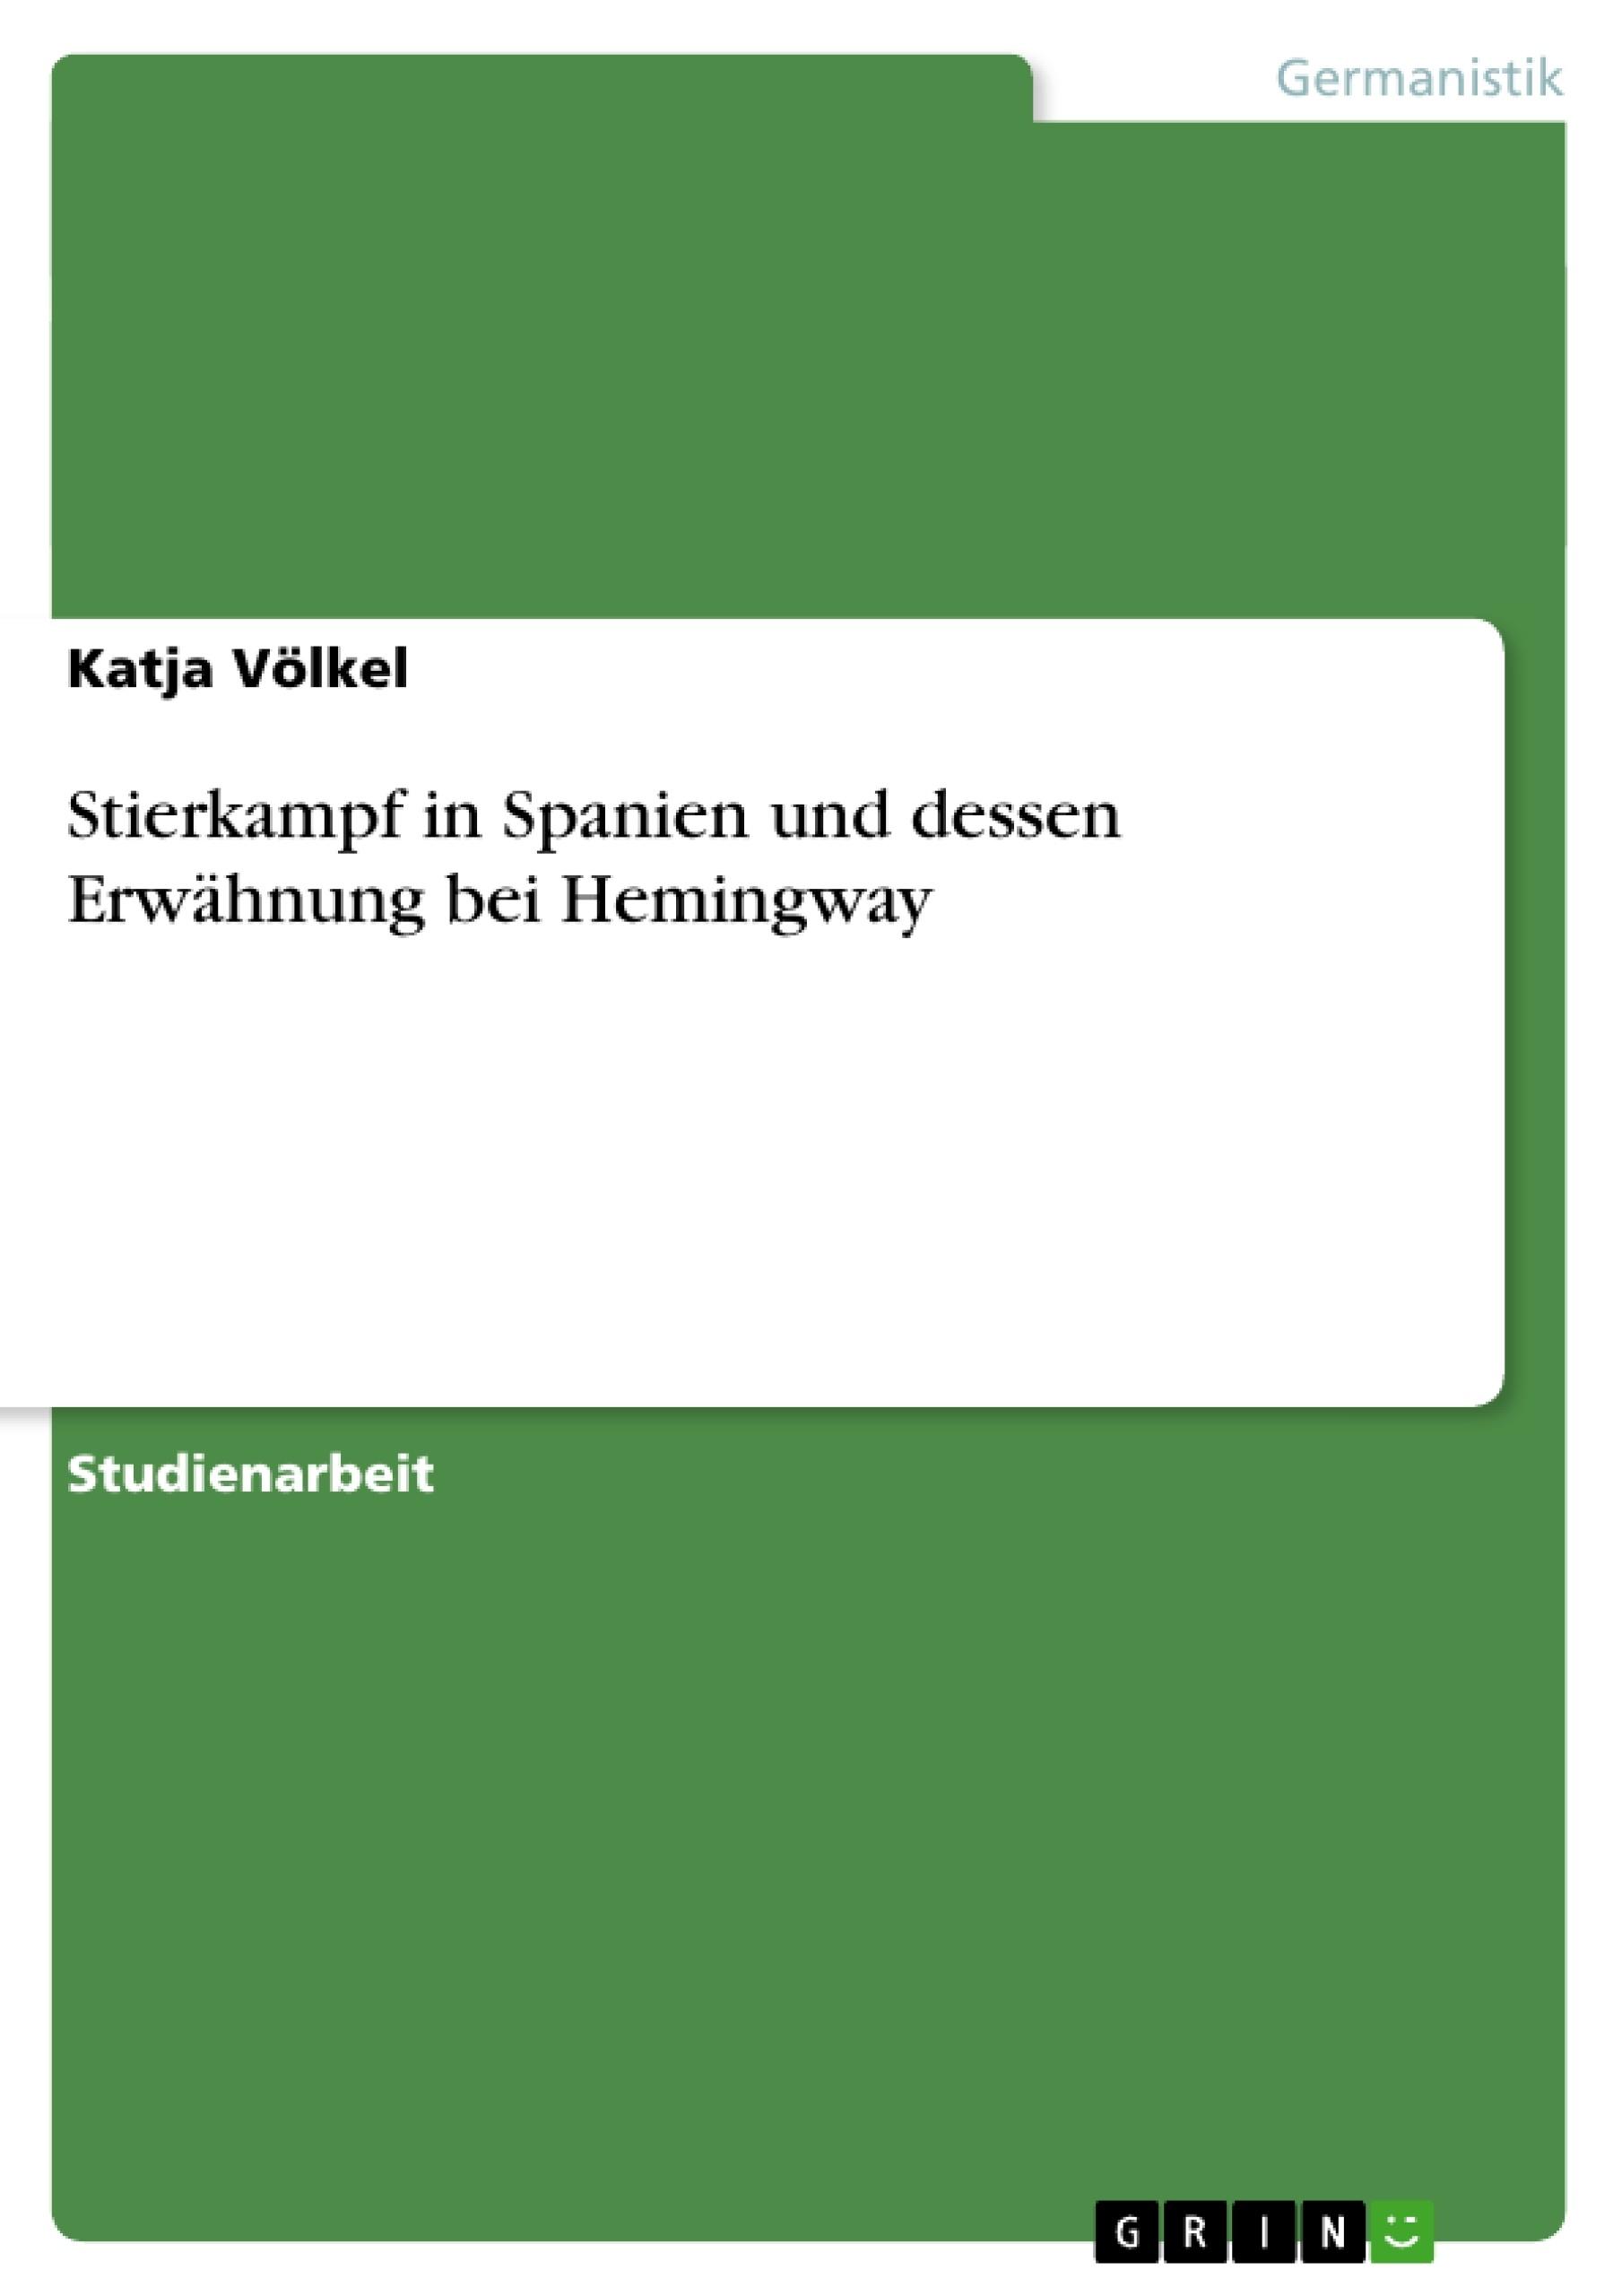 Titel: Stierkampf in Spanien und dessen Erwähnung bei Hemingway